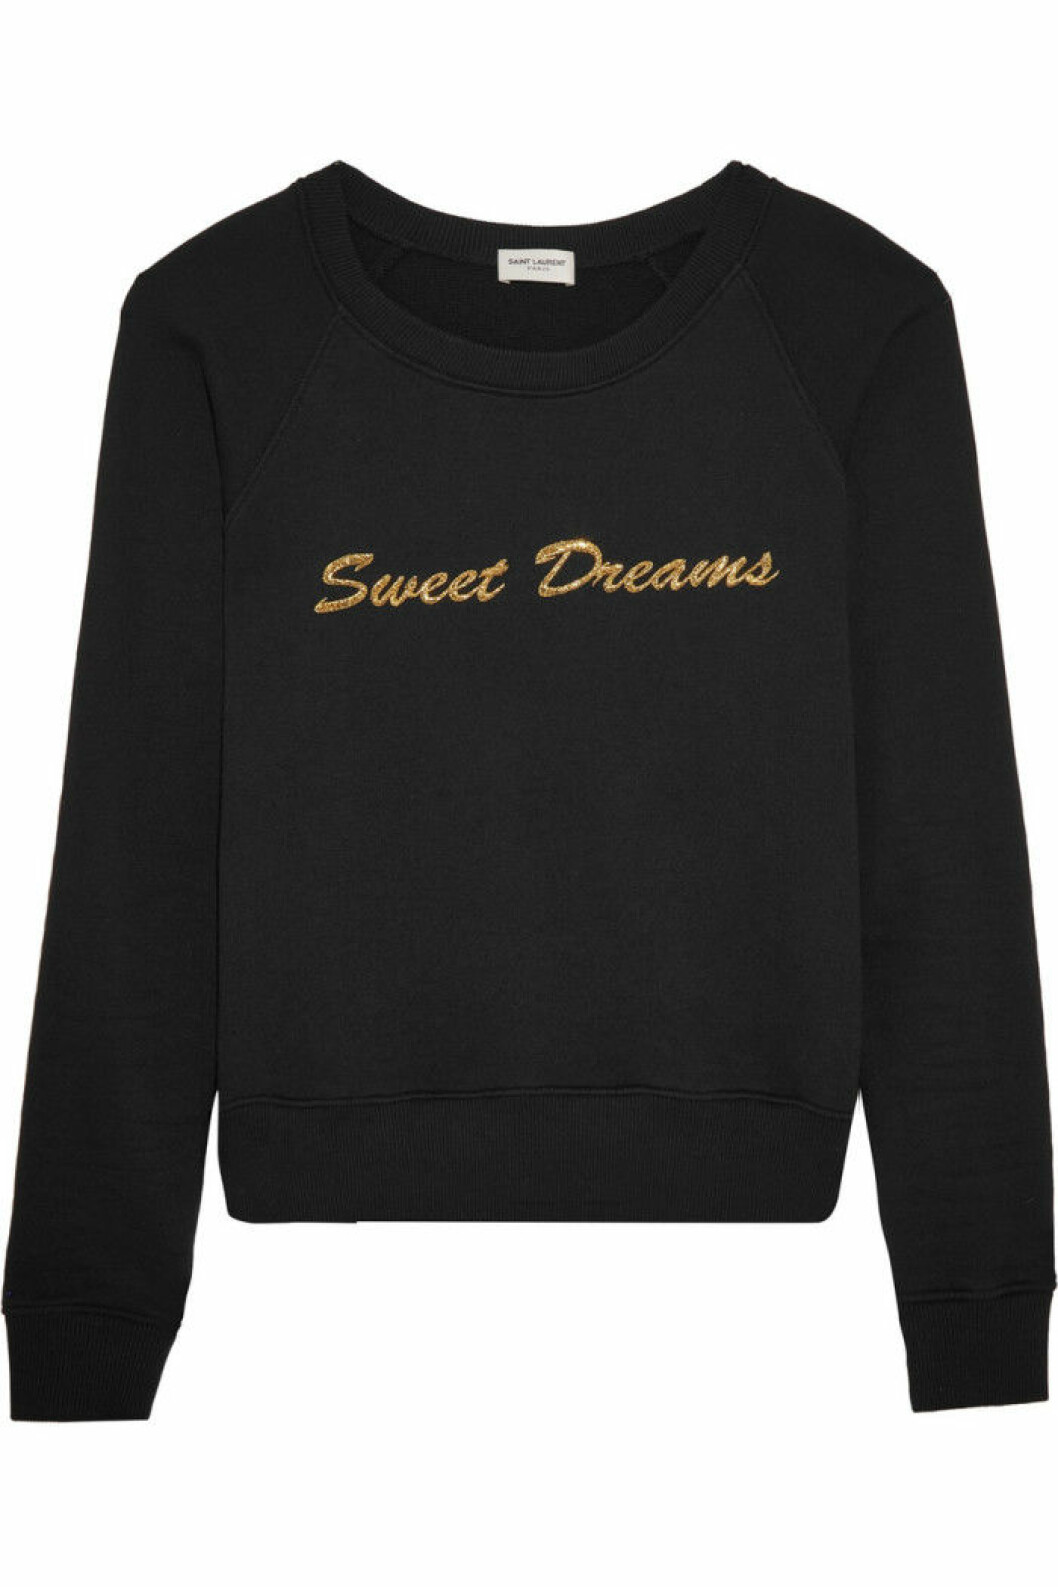 sweatshirt-saint-laurent